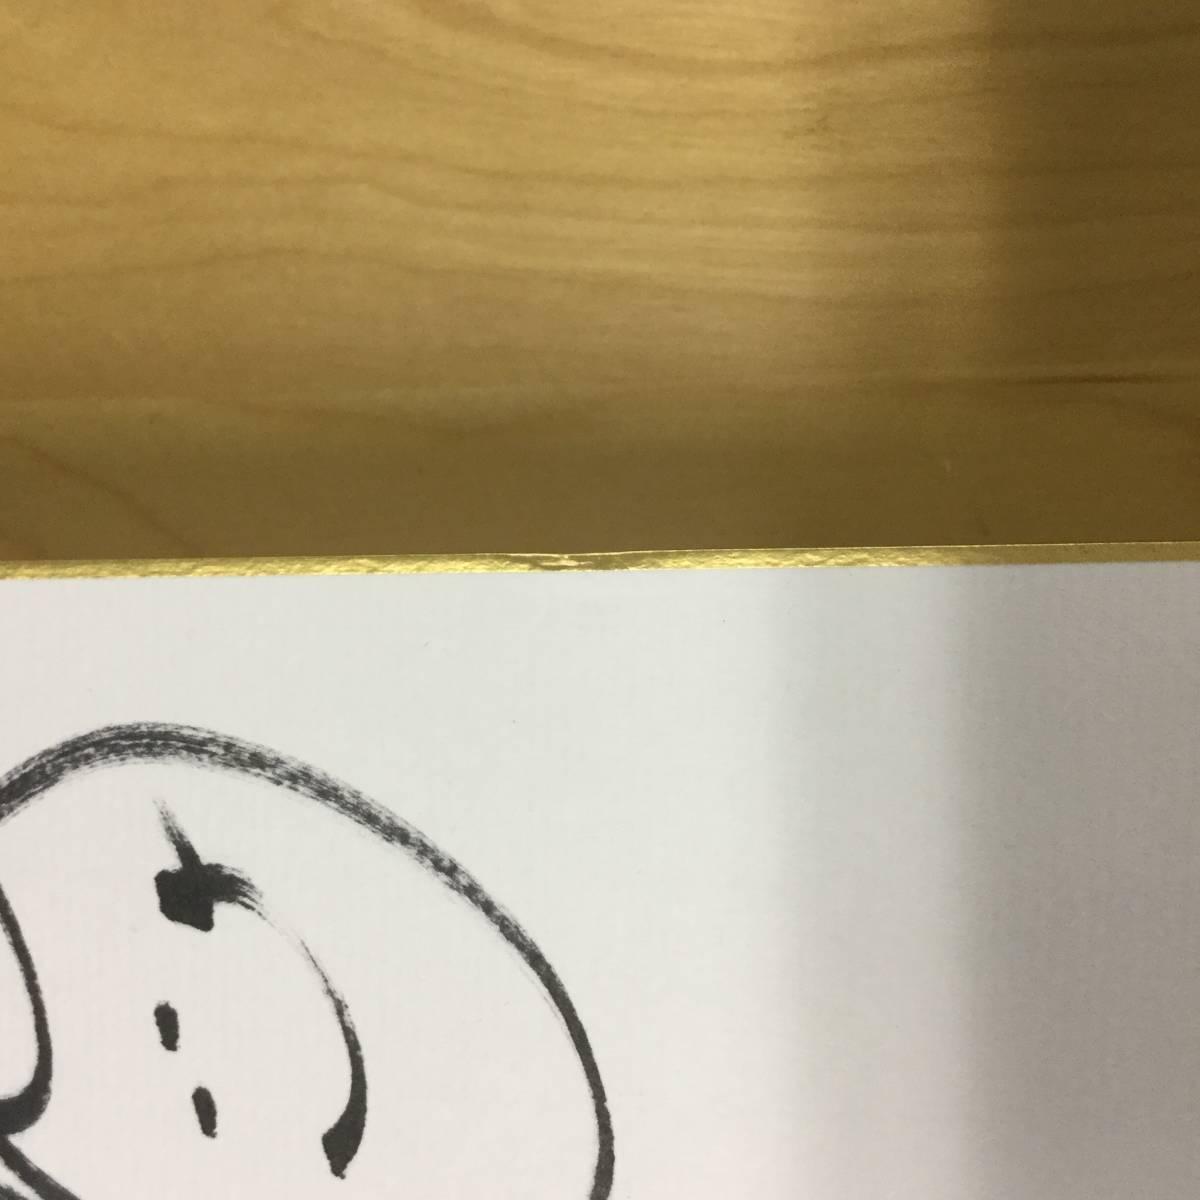 [チャリティ]★☆筧美和子さん直筆サイン色紙・1☆★ rfp1105_画像3